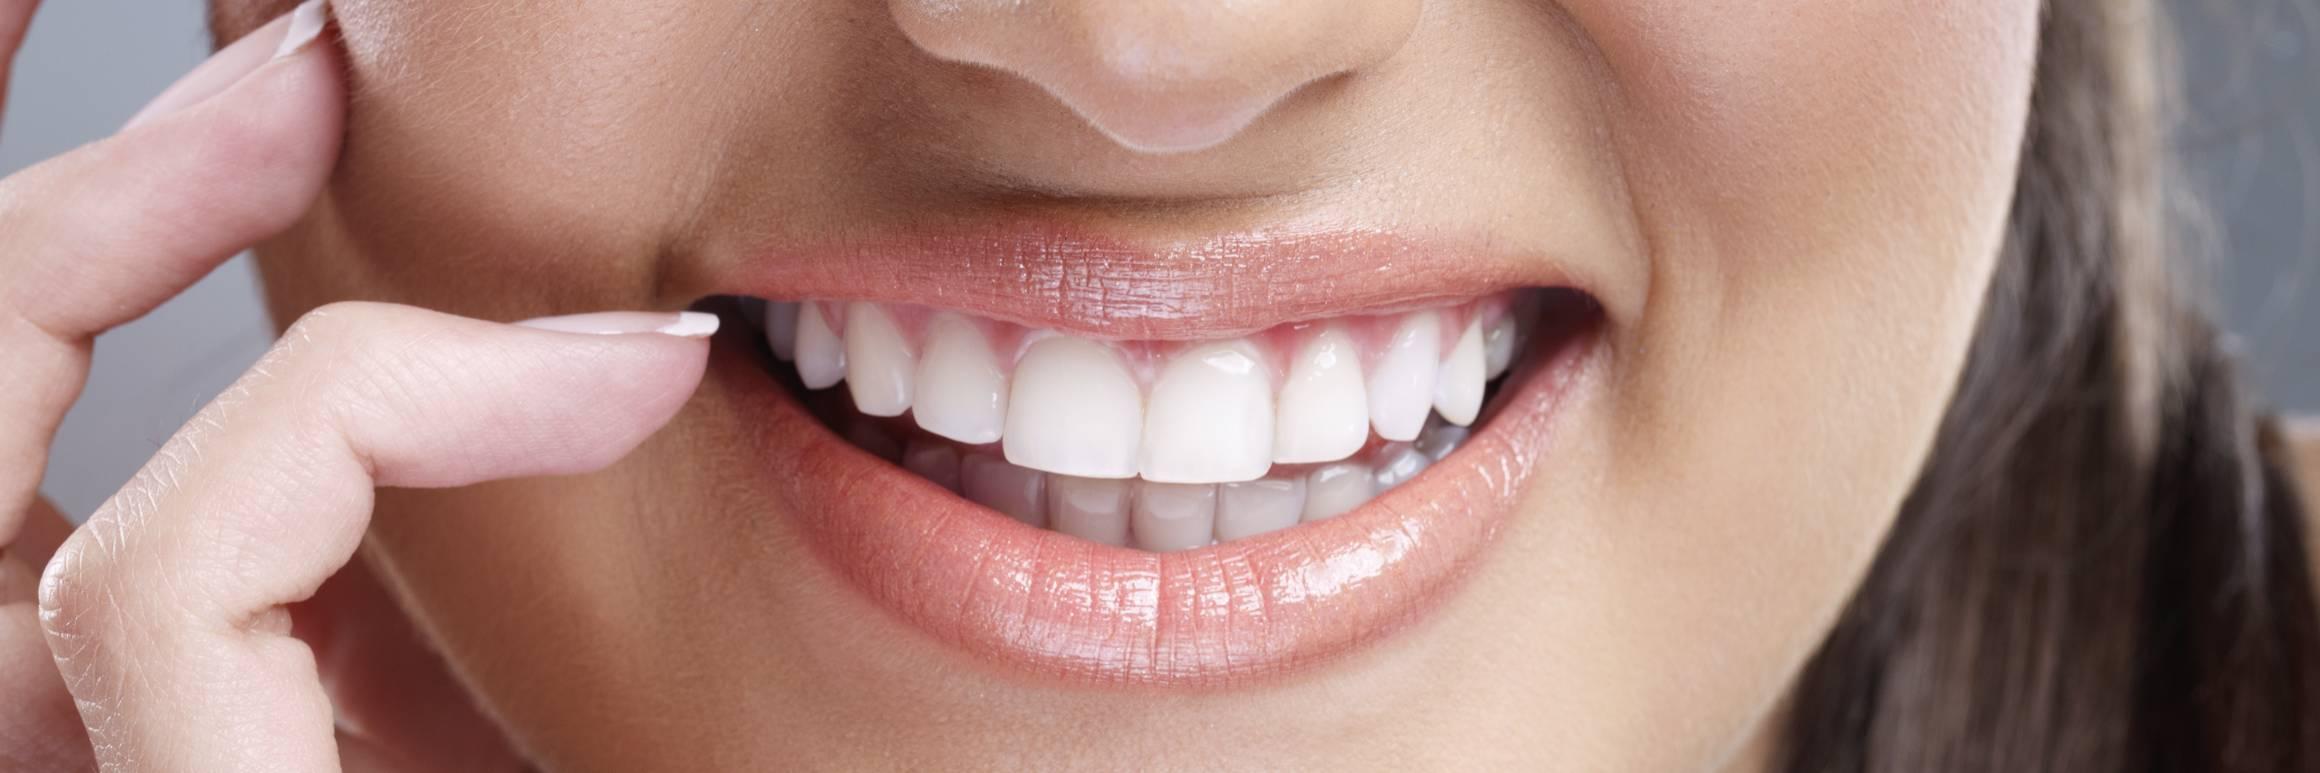 Em quais ocasiões são usados implantes dentários?